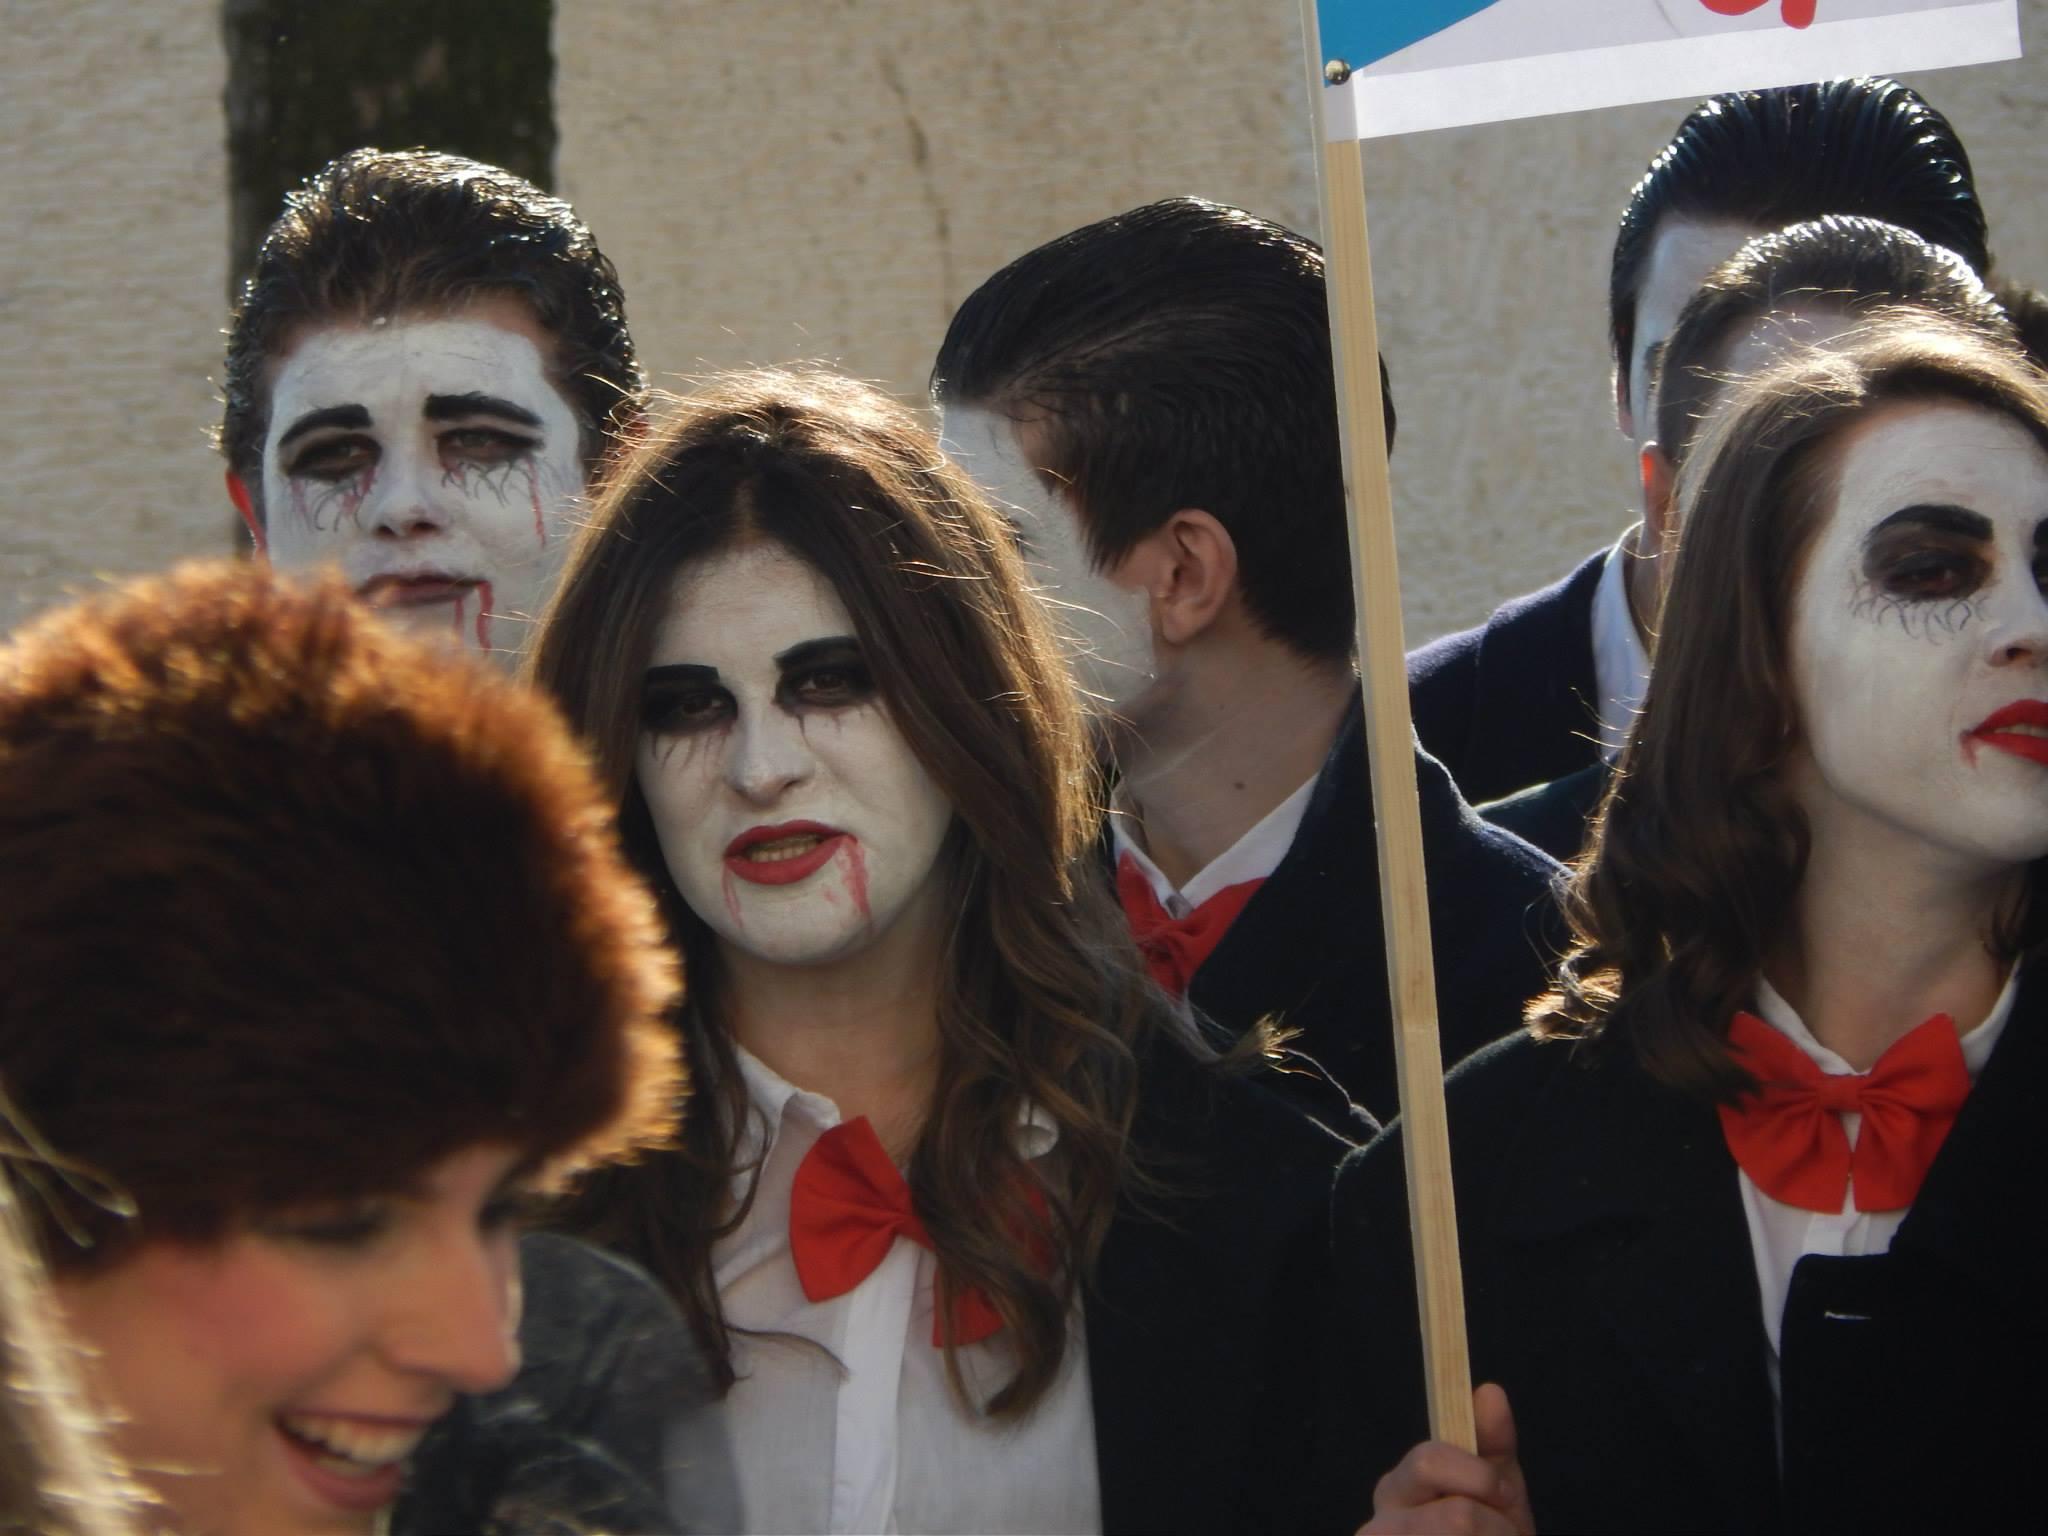 FOTO: Gimnazijalci oduševili maštovitim kostimima, 2. B najbolji!!!